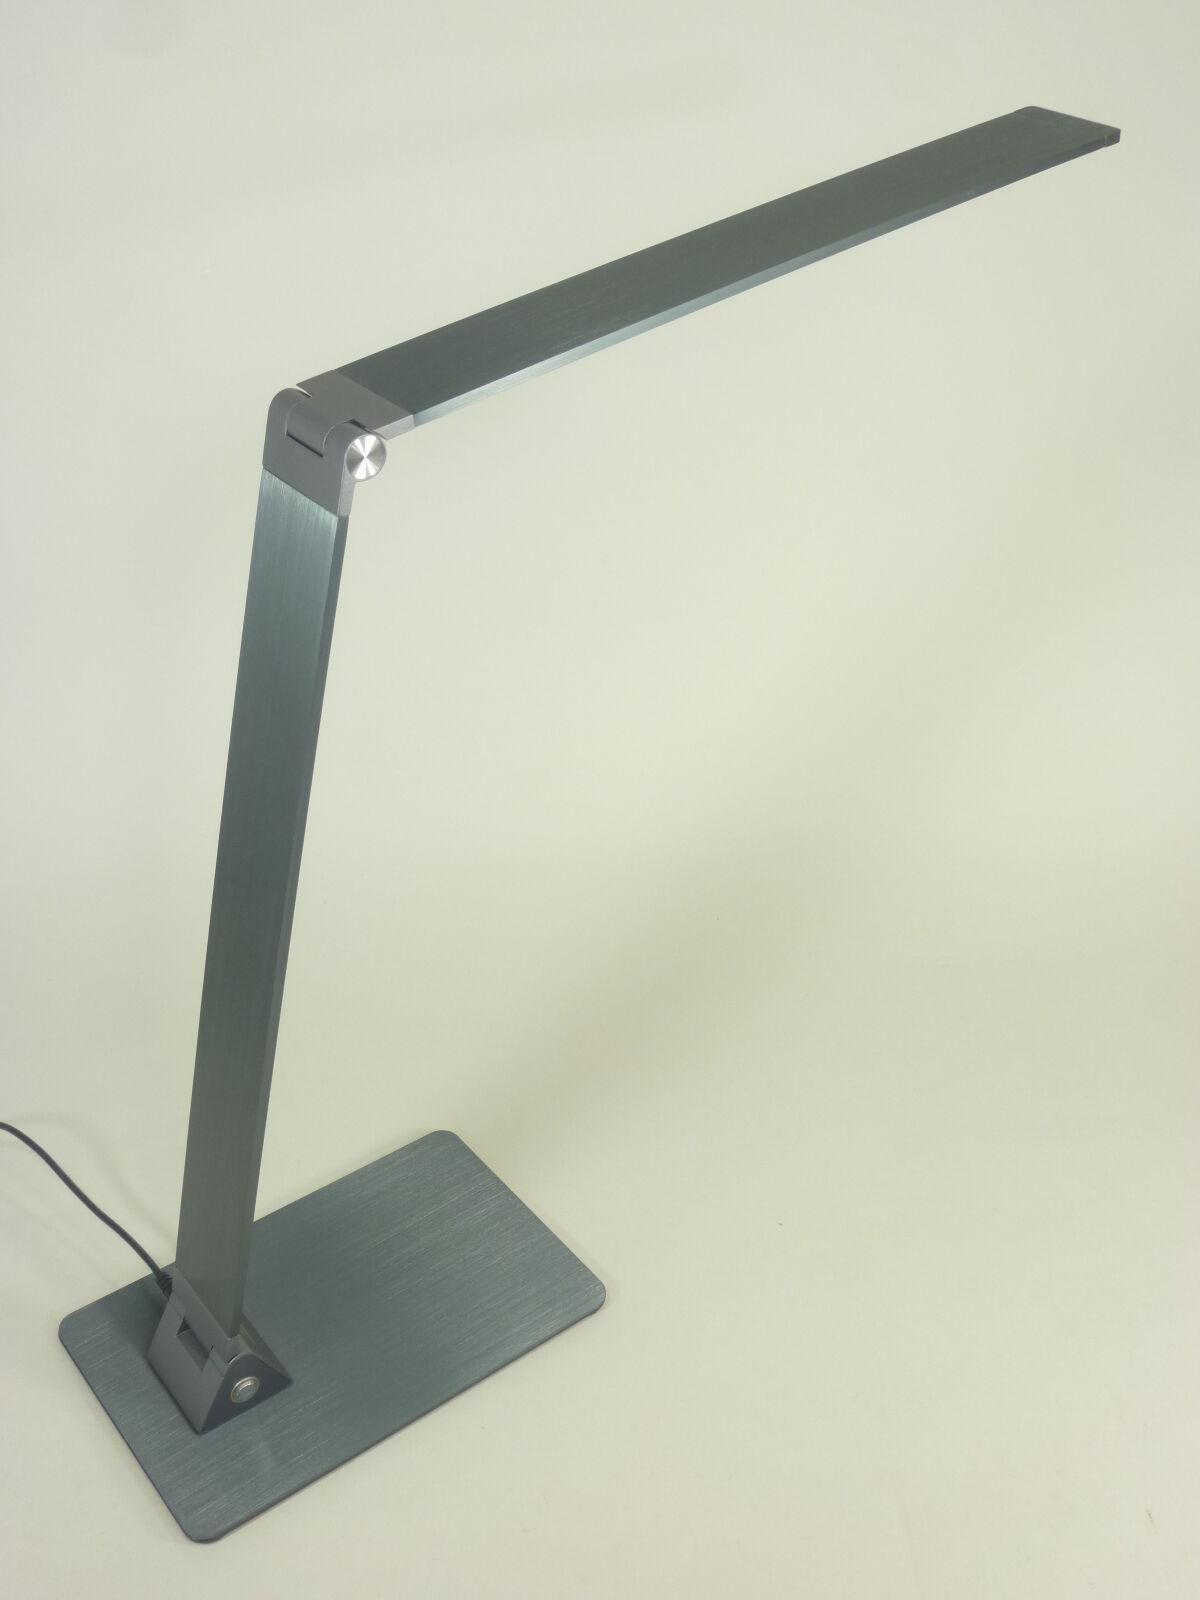 LED Tischleuchte Temo Touch-Dimm-Schalter Schreibtischleuchte 3000K-10W-800lm